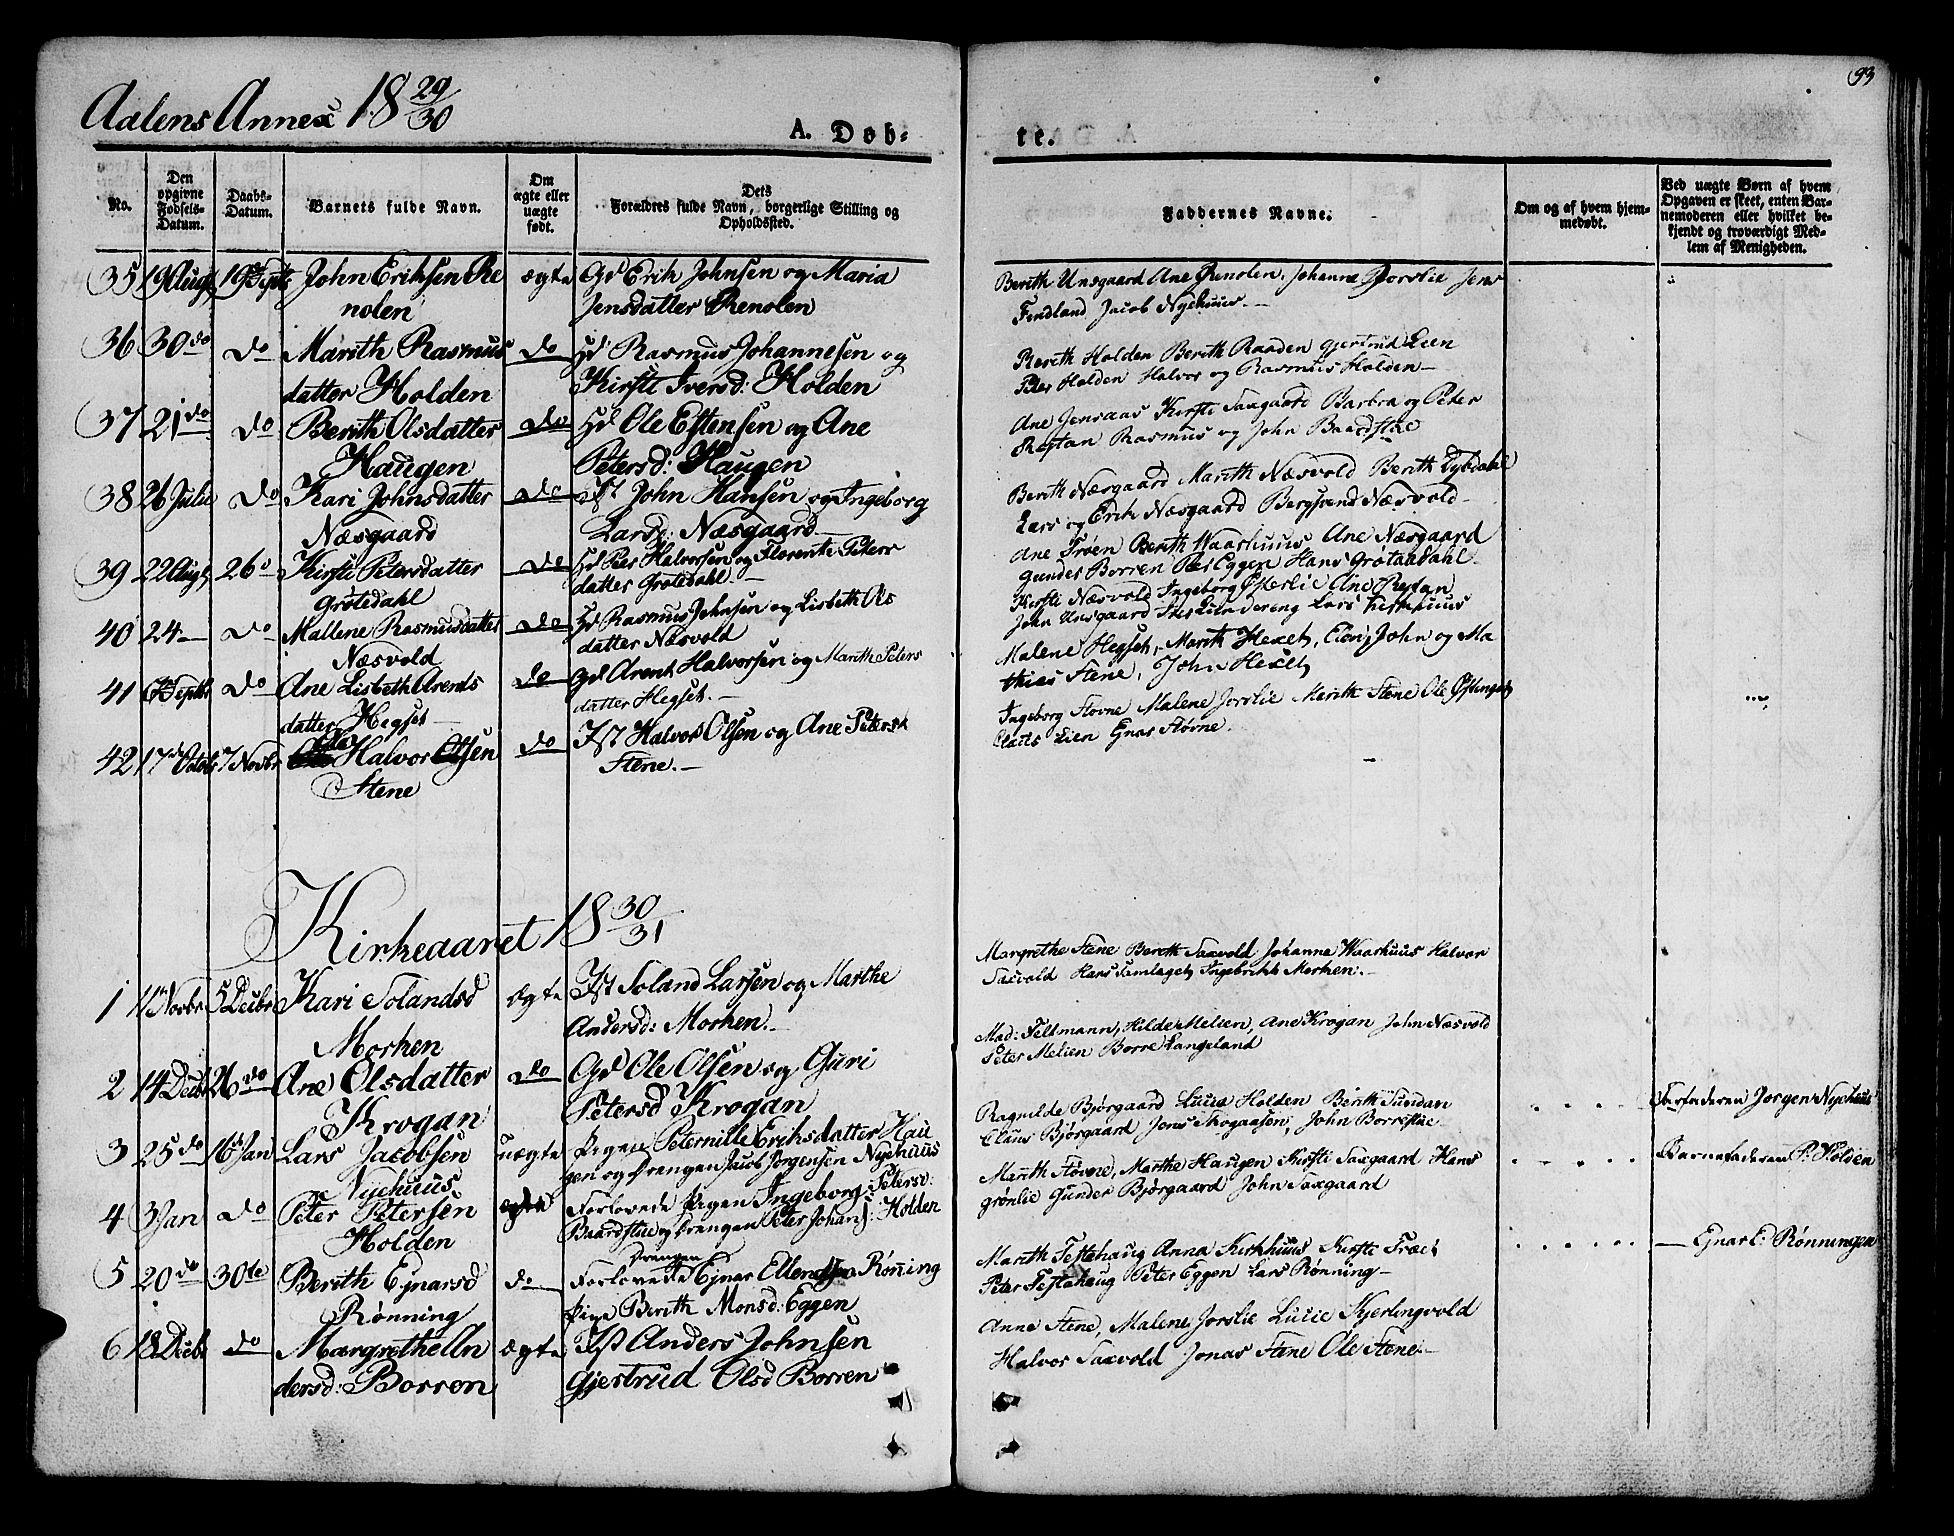 SAT, Ministerialprotokoller, klokkerbøker og fødselsregistre - Sør-Trøndelag, 685/L0959: Ministerialbok nr. 685A04 /3, 1829-1845, s. 93